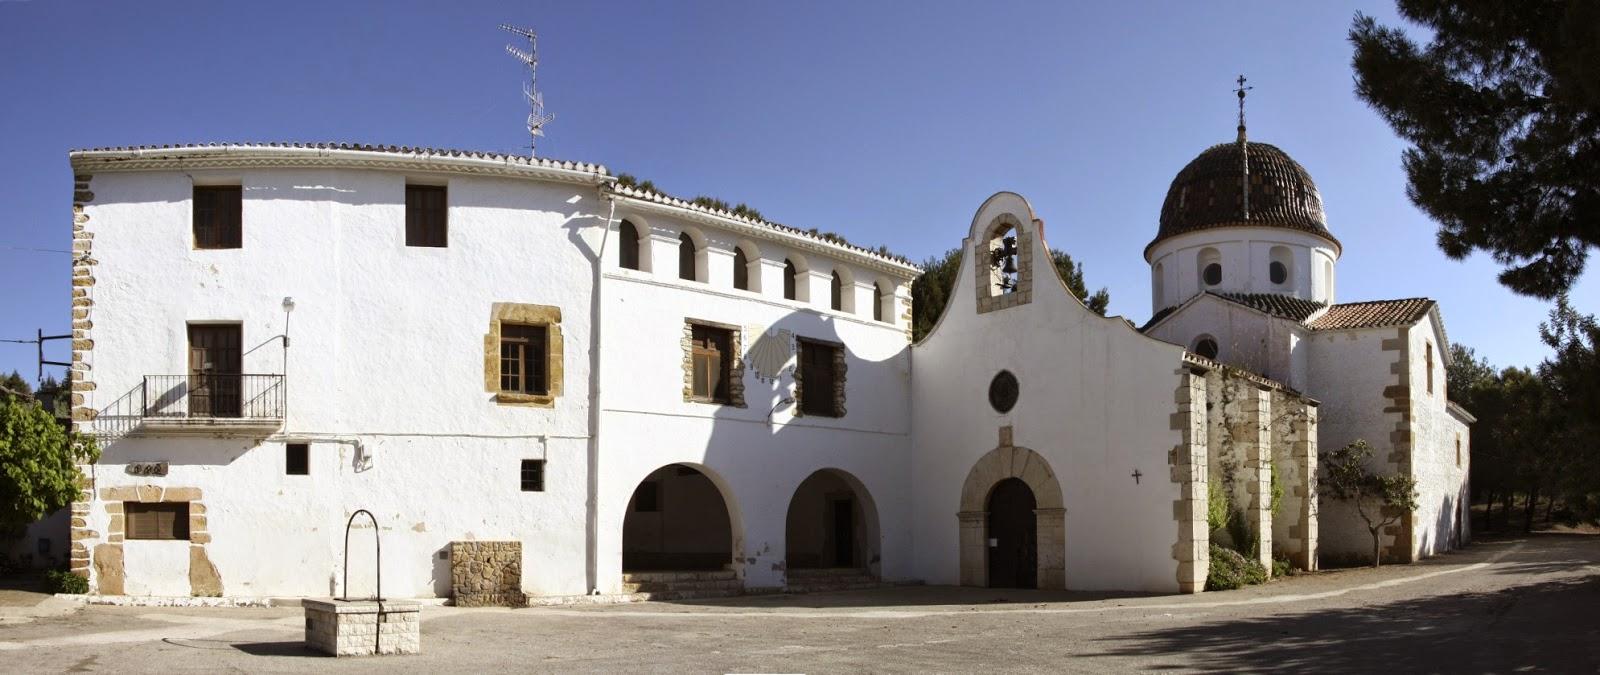 Turismo en Alcanar, qué visitar